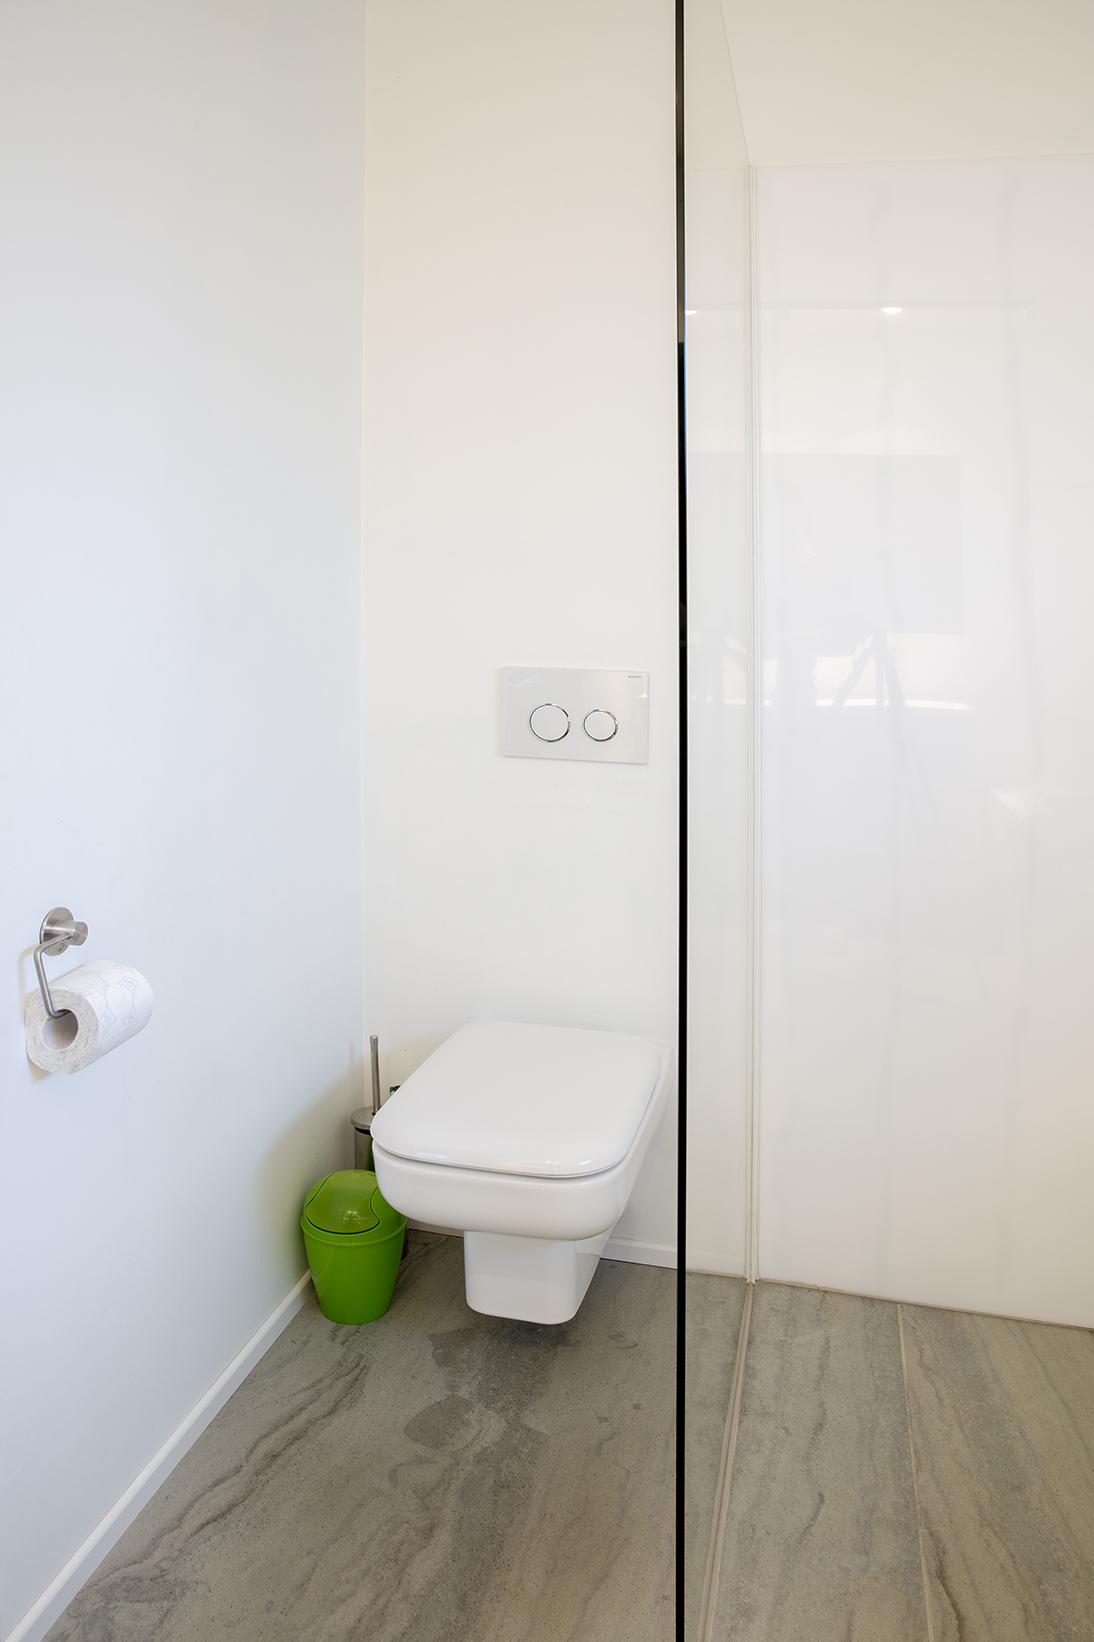 kokken-v-badkamer-hoek-517 - Kokken Renovaties